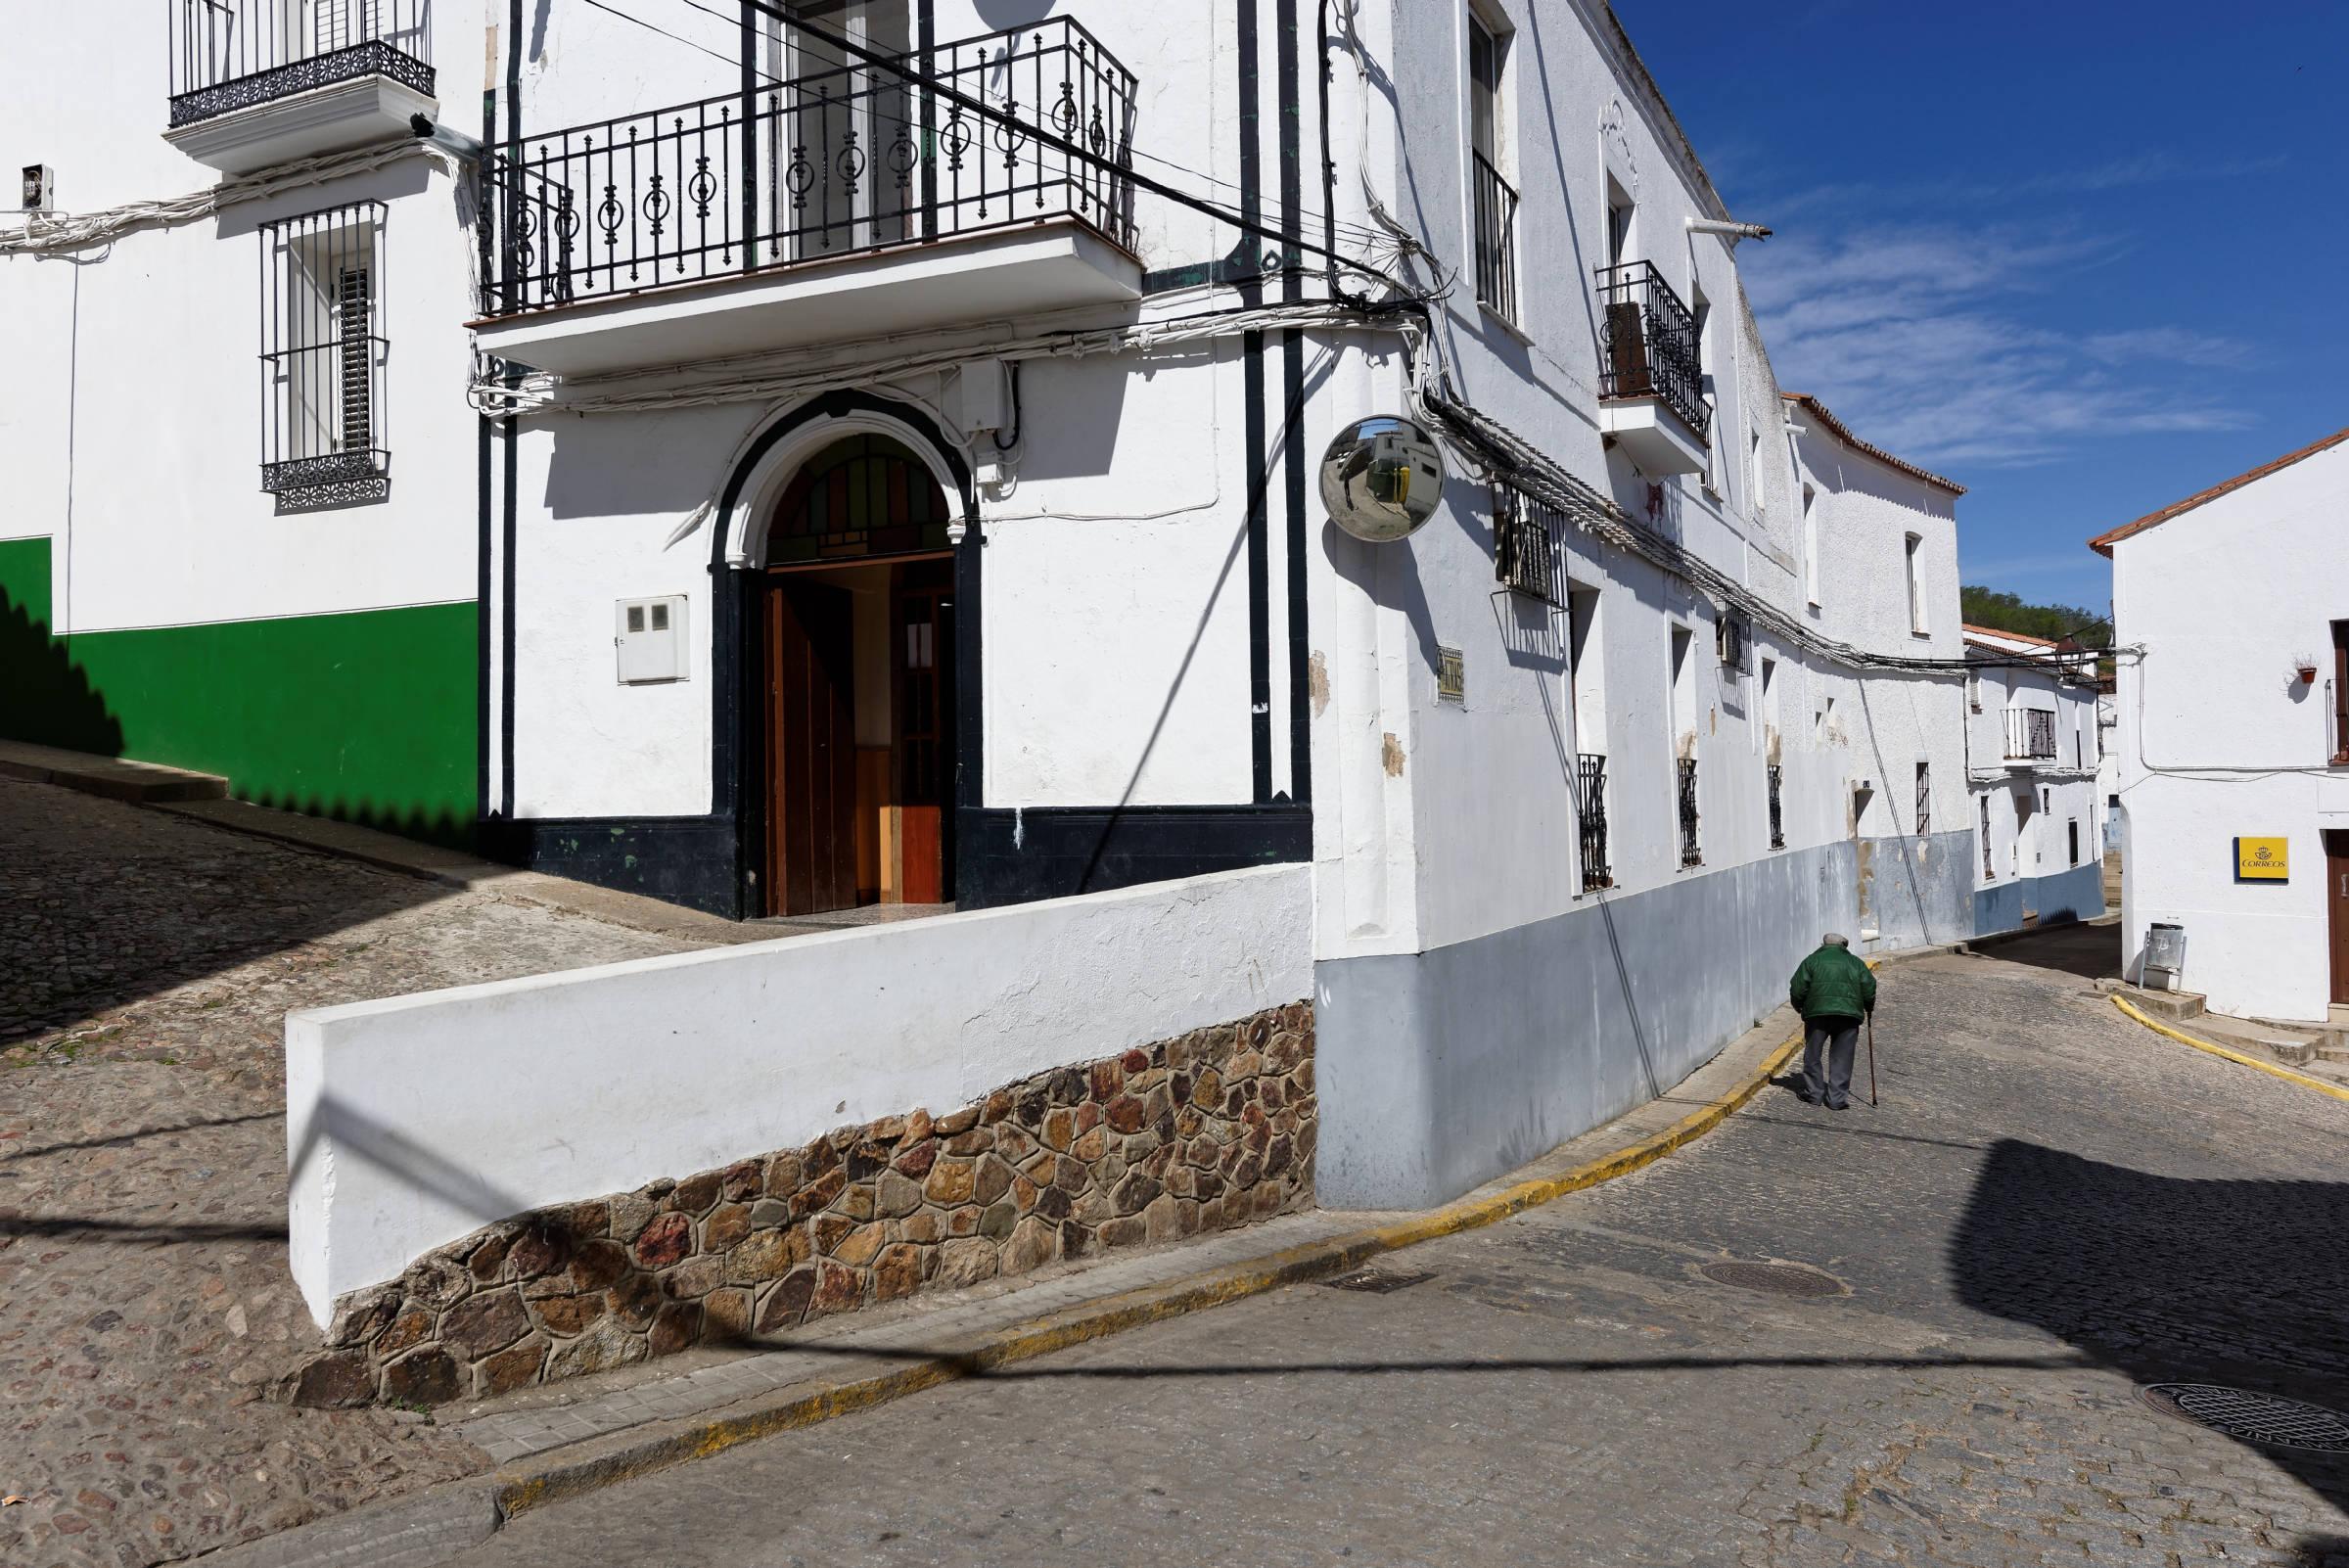 160407-Feria (Estremadure) (19)_1